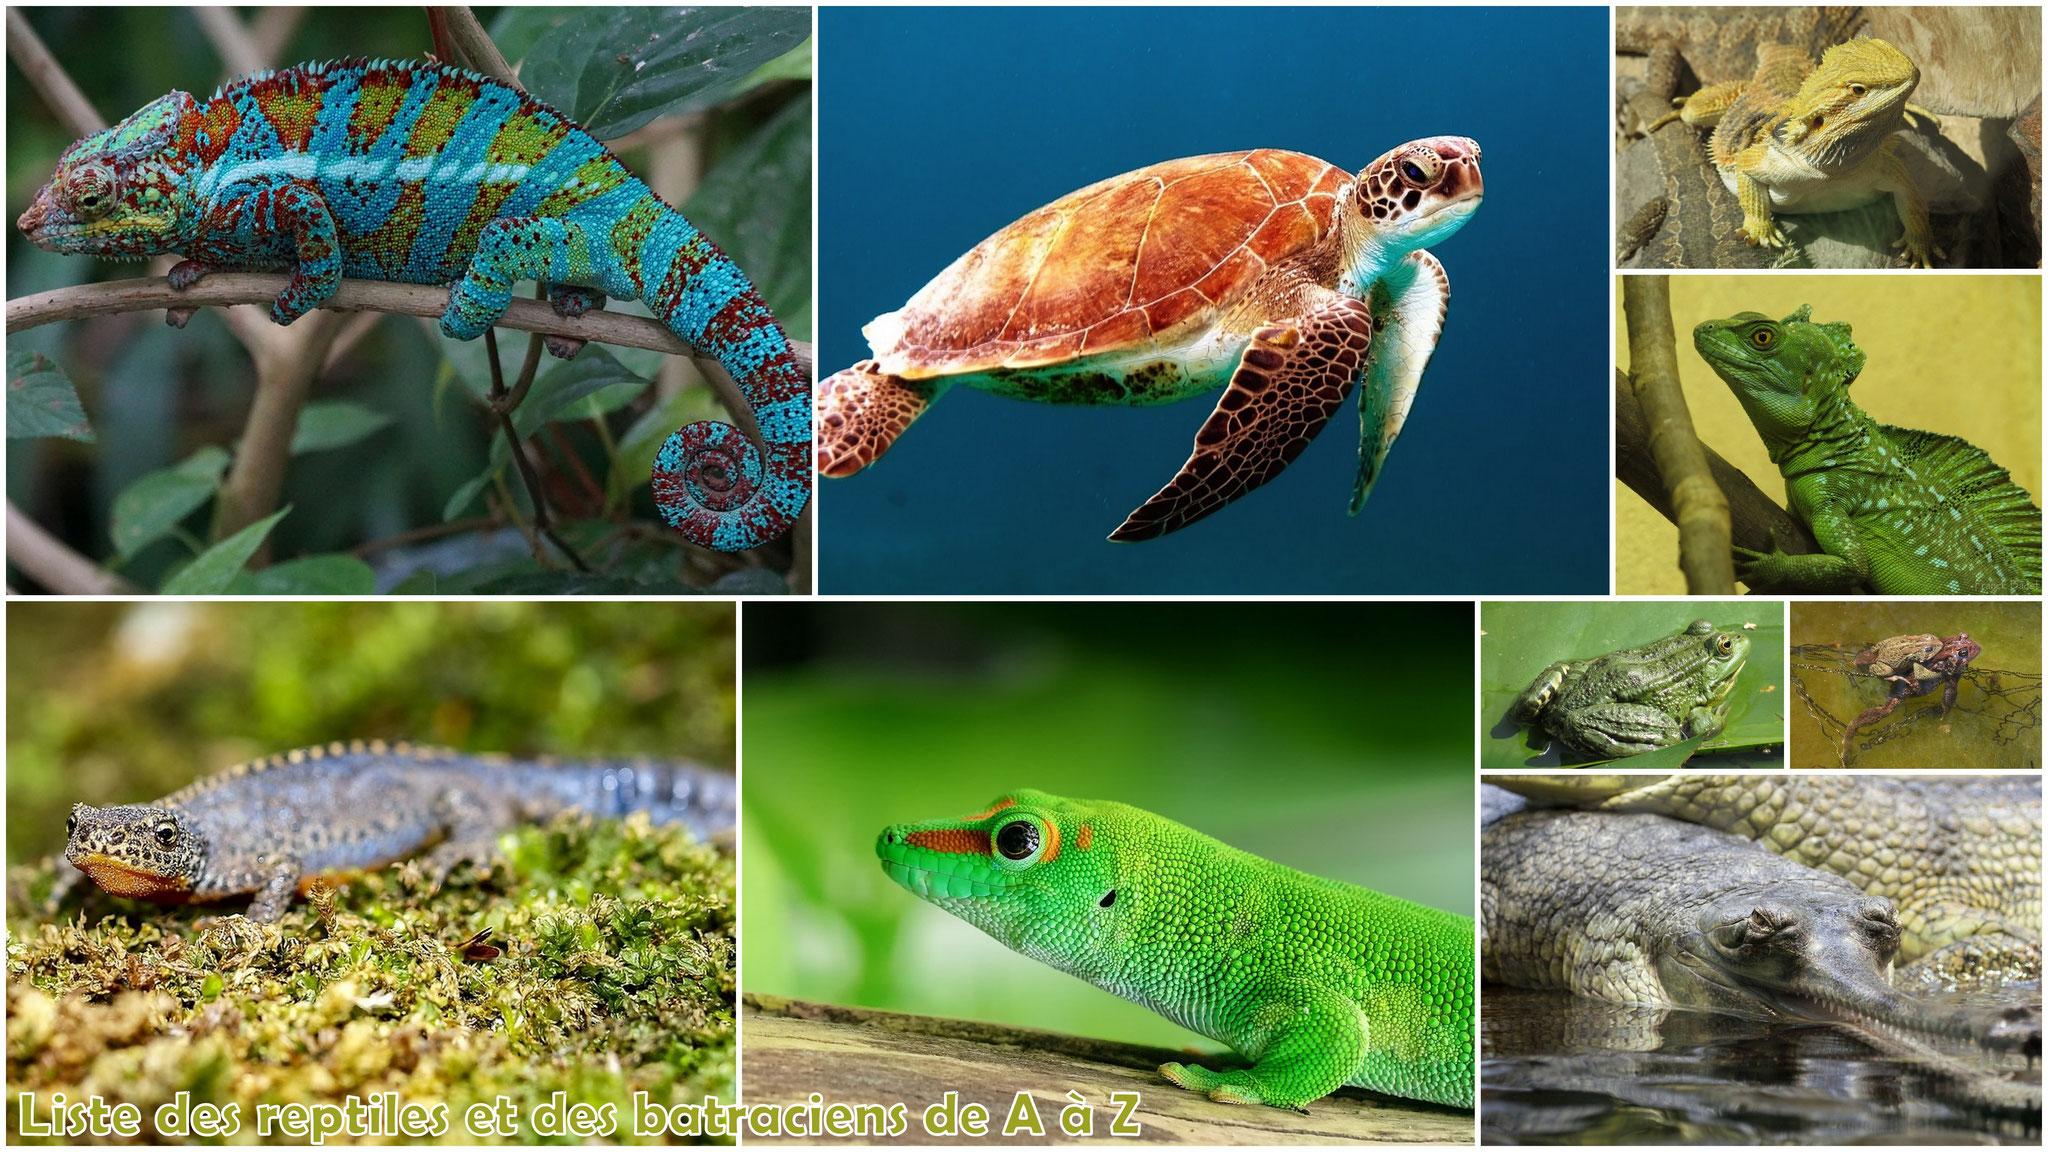 Les reptiles et amphibiens